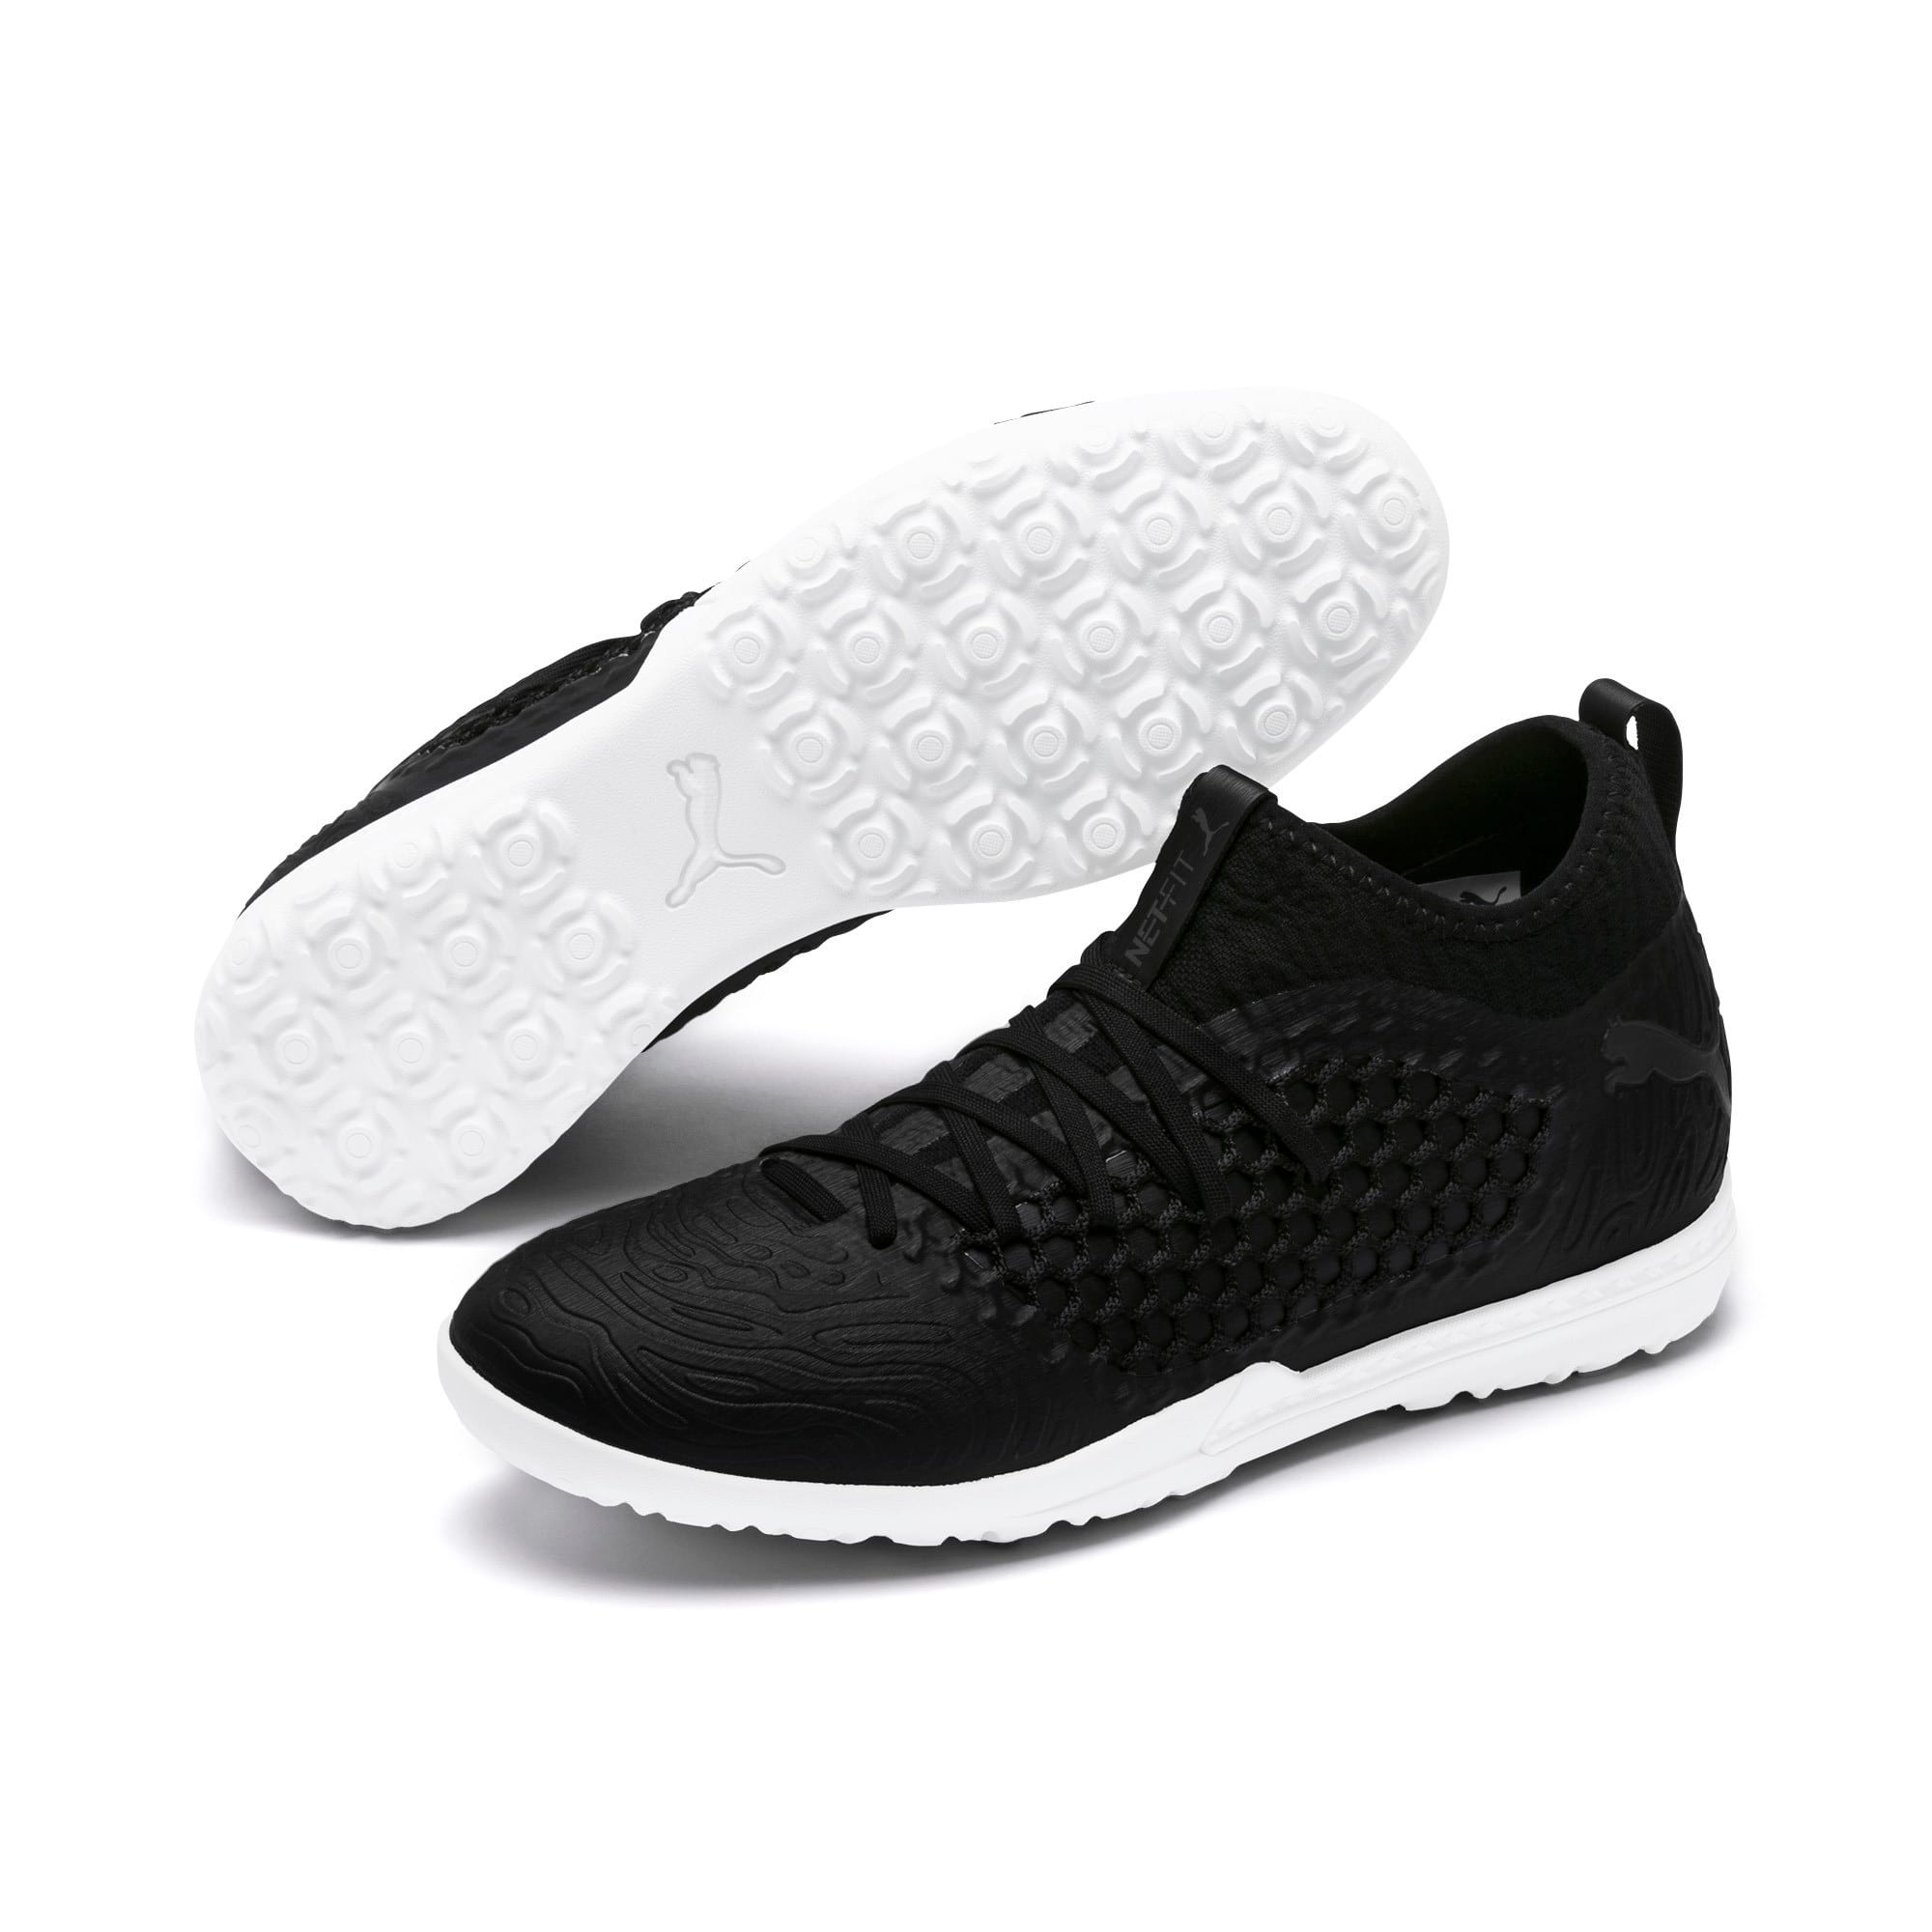 Thumbnail 2 of FUTURE 19.3 NETFIT TT Men's Soccer Shoes, Puma Black-Puma Black-White, medium